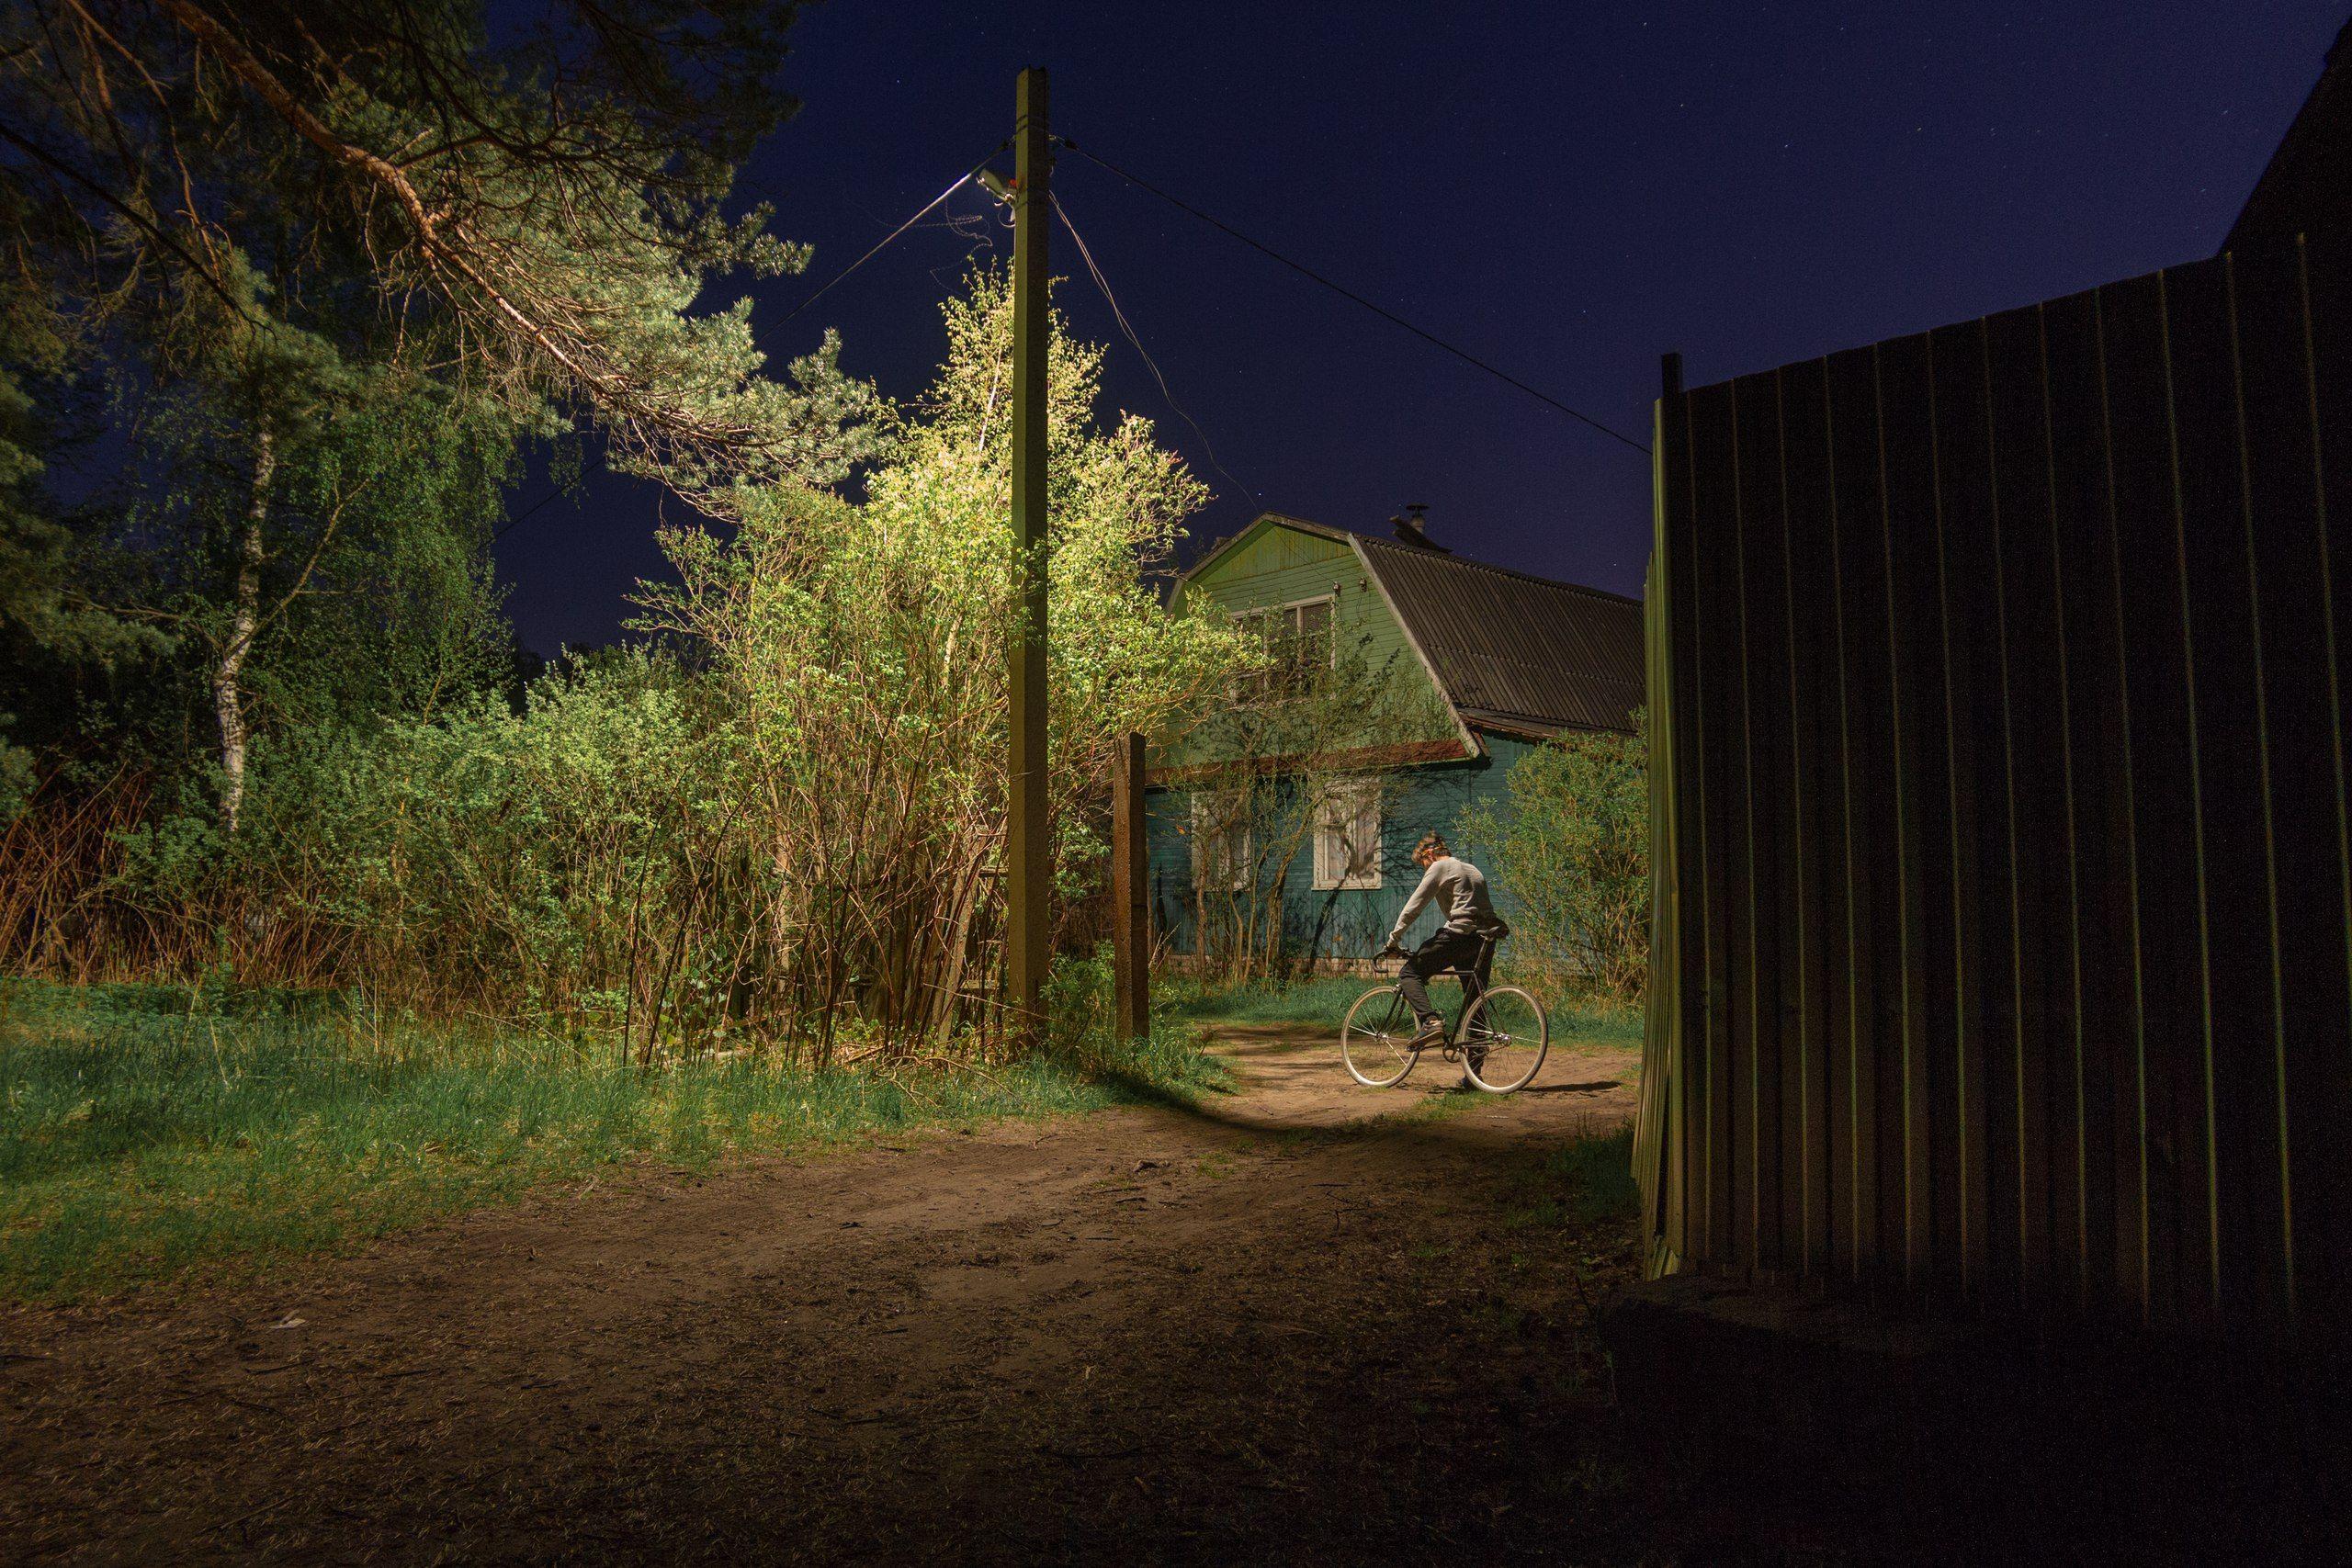 ночь  россия велосипед деревня, Евгений Озеров